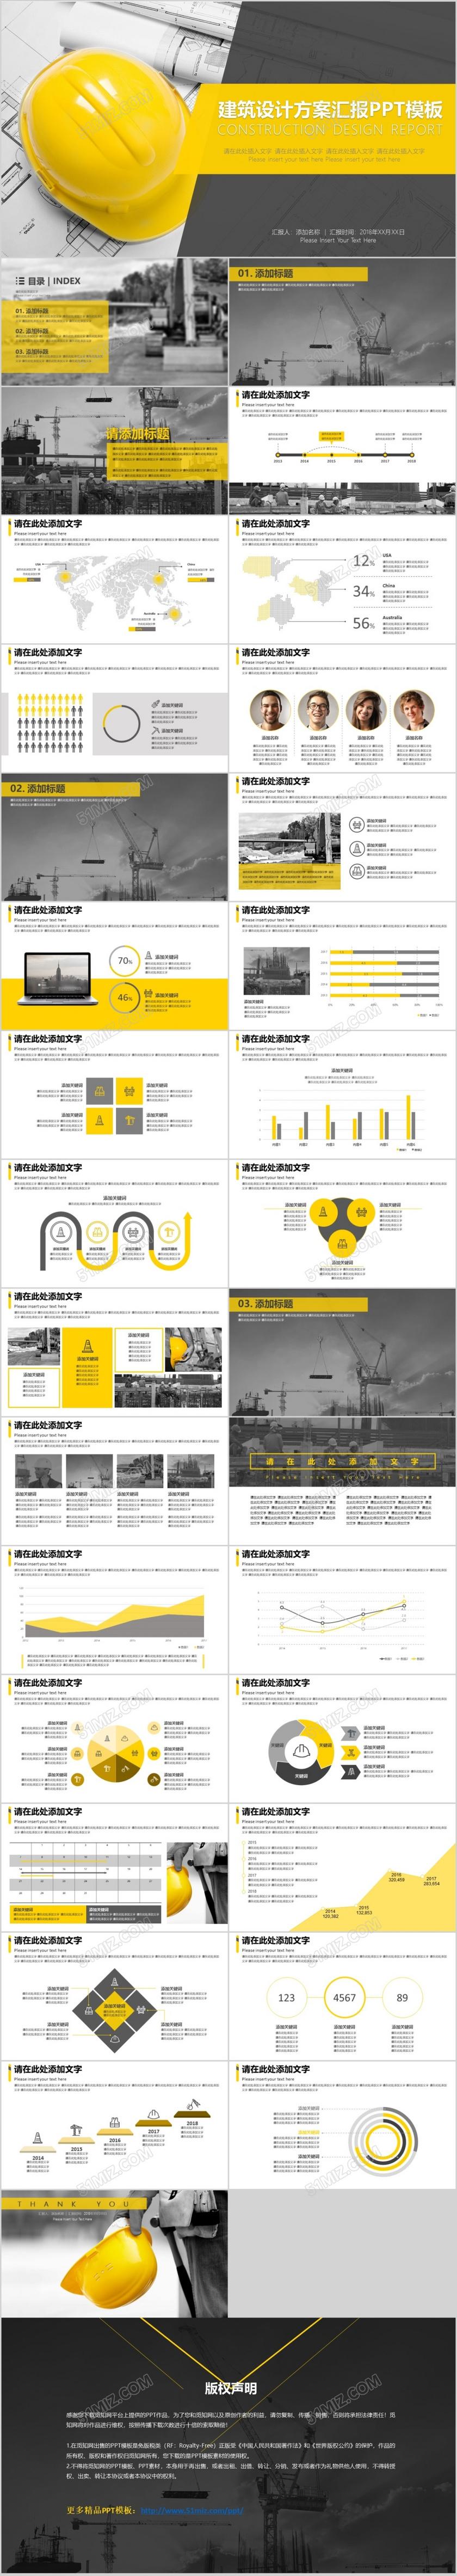 高端大气建筑设计方案汇报欧美简约ppt模板